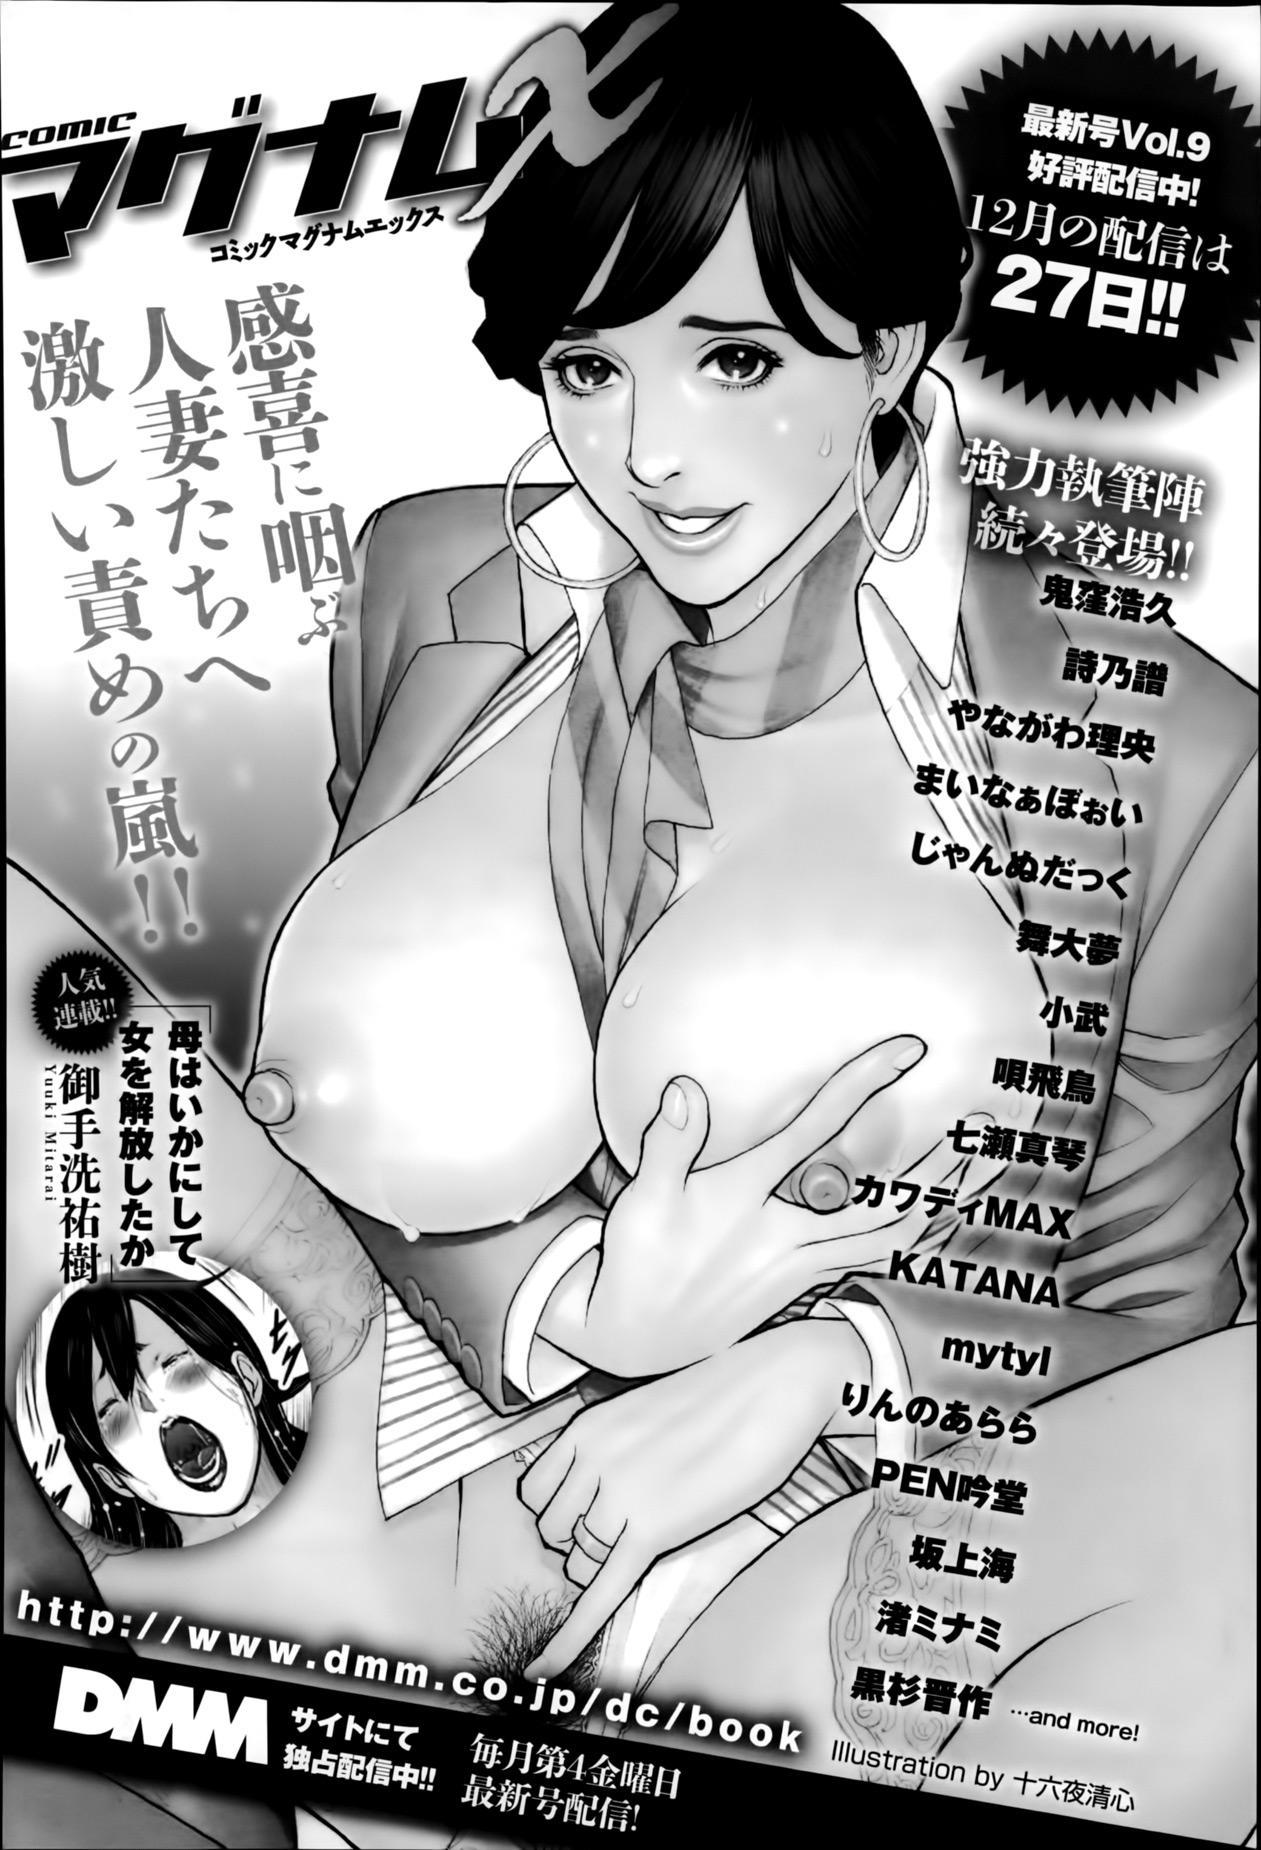 Comic Anthurium 009 2014-01 386